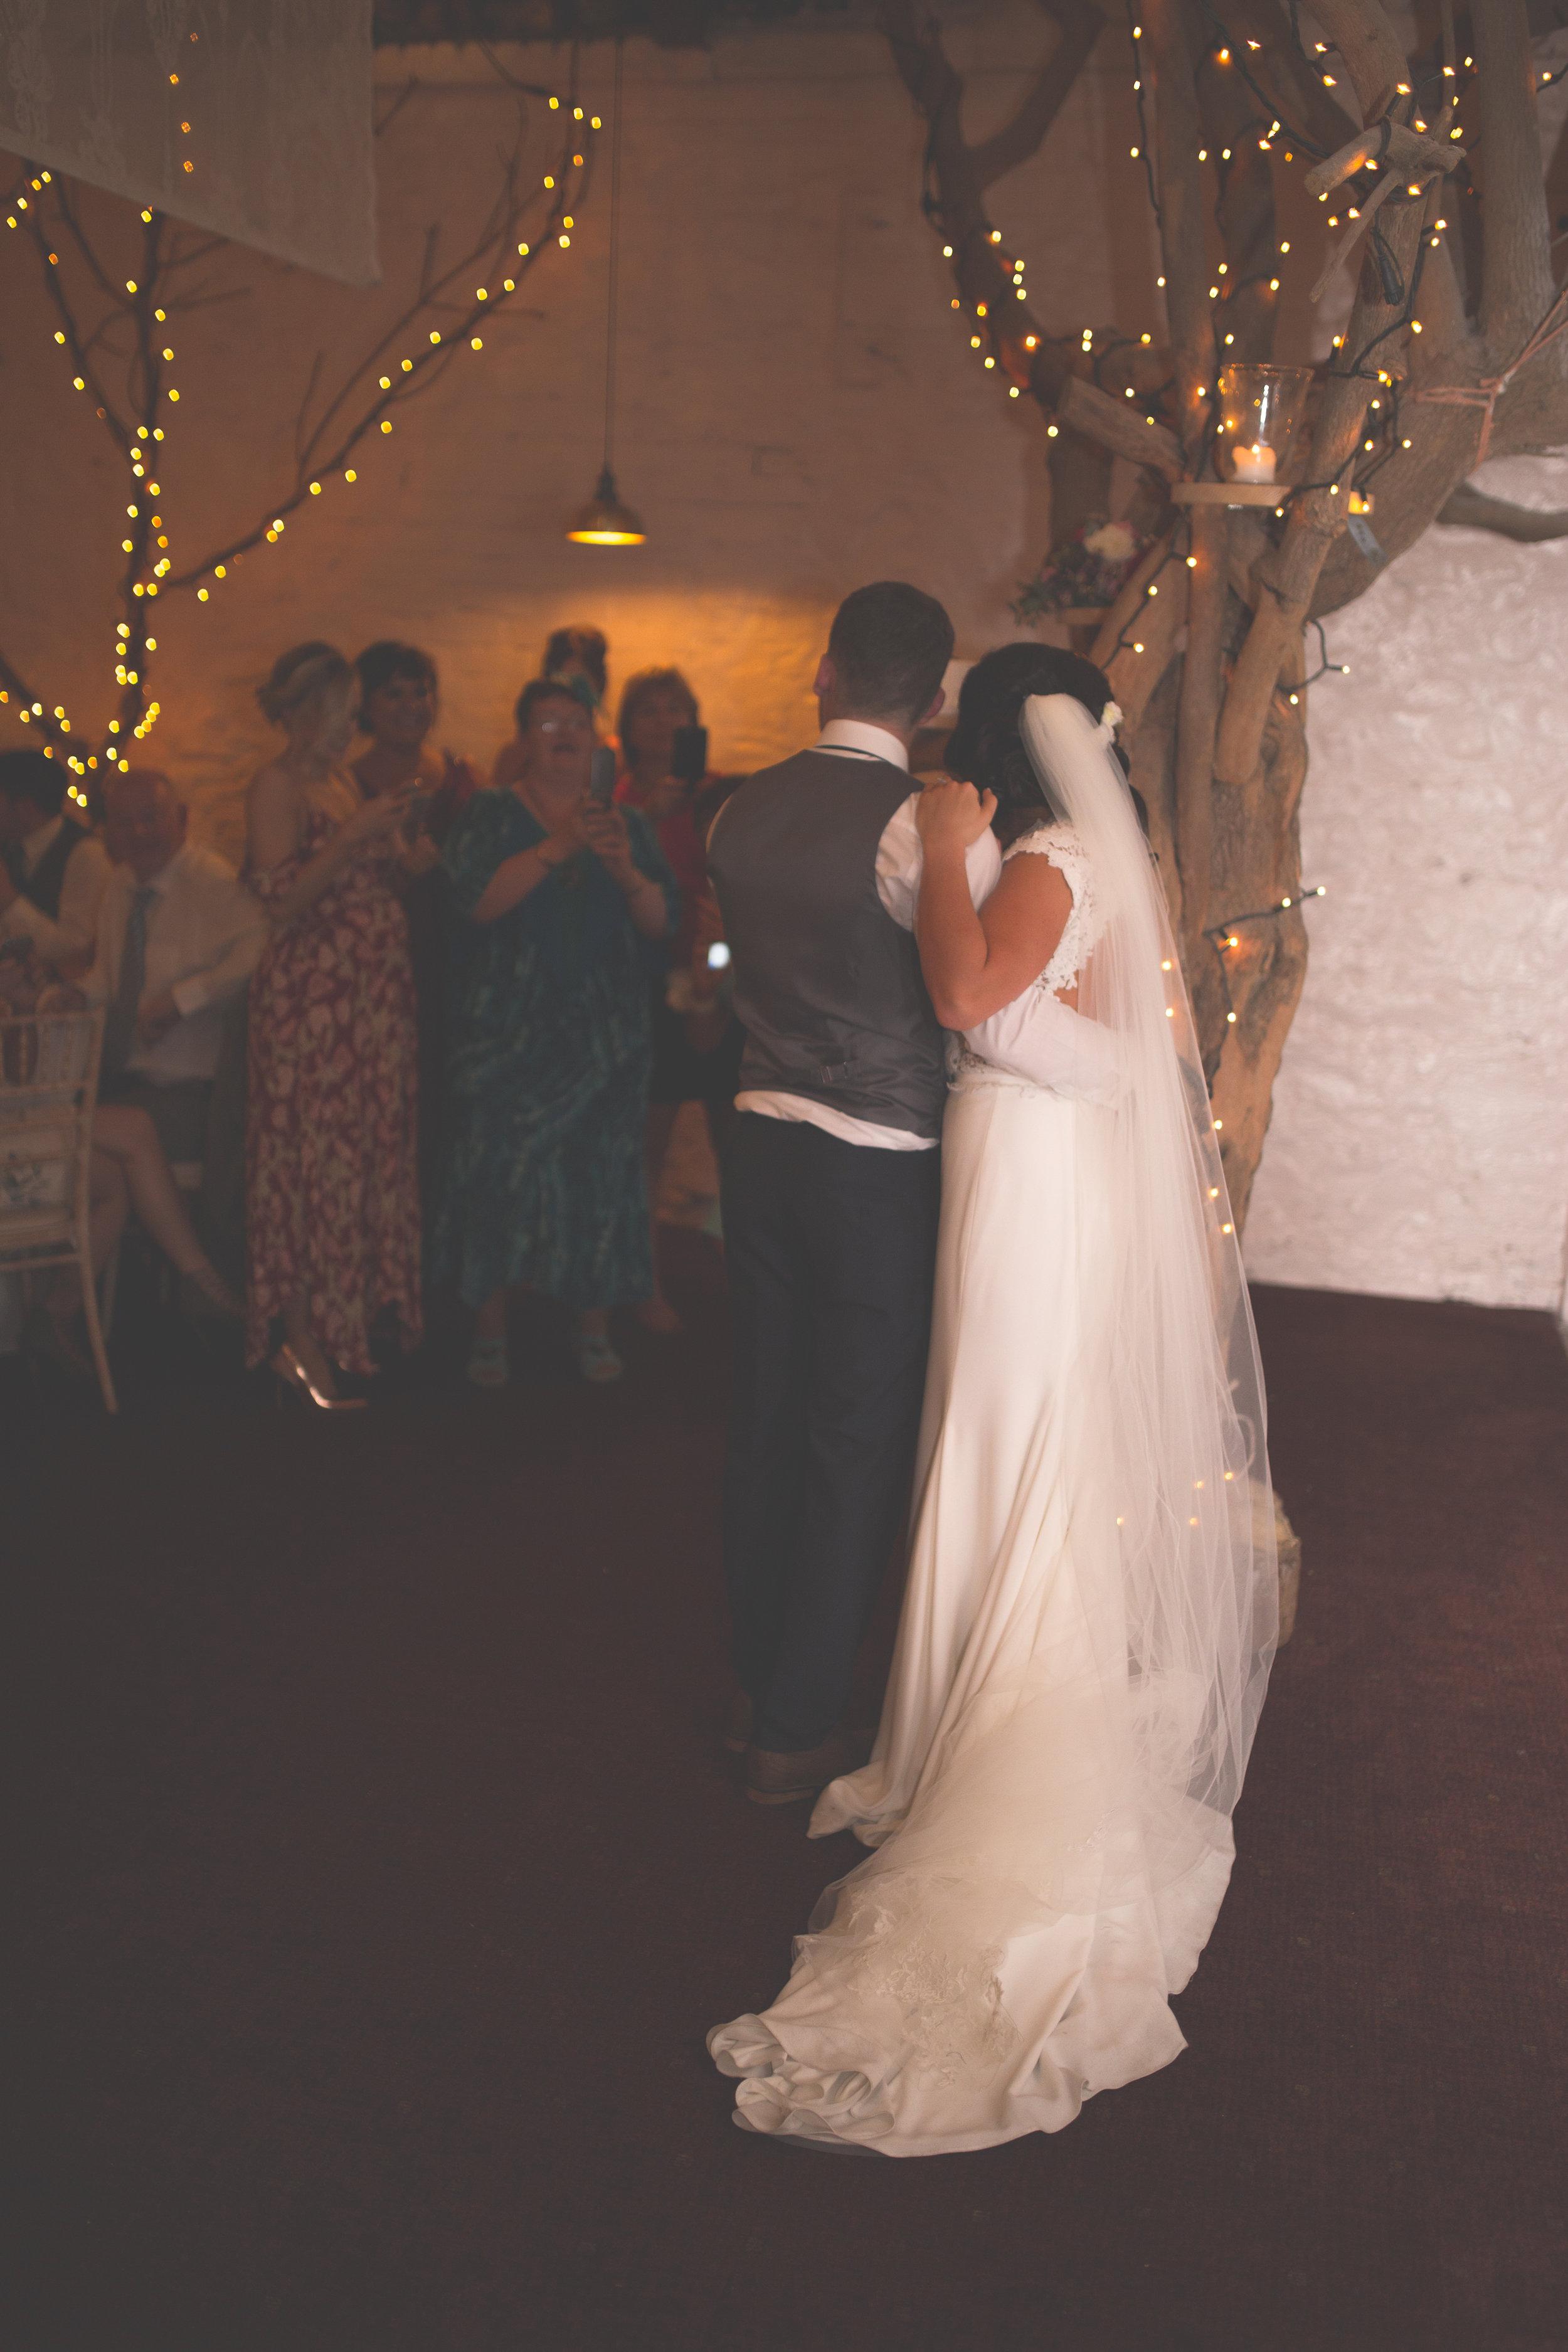 Brian McEwan Wedding Photography | Carol-Anne & Sean | The Speeches-133.jpg